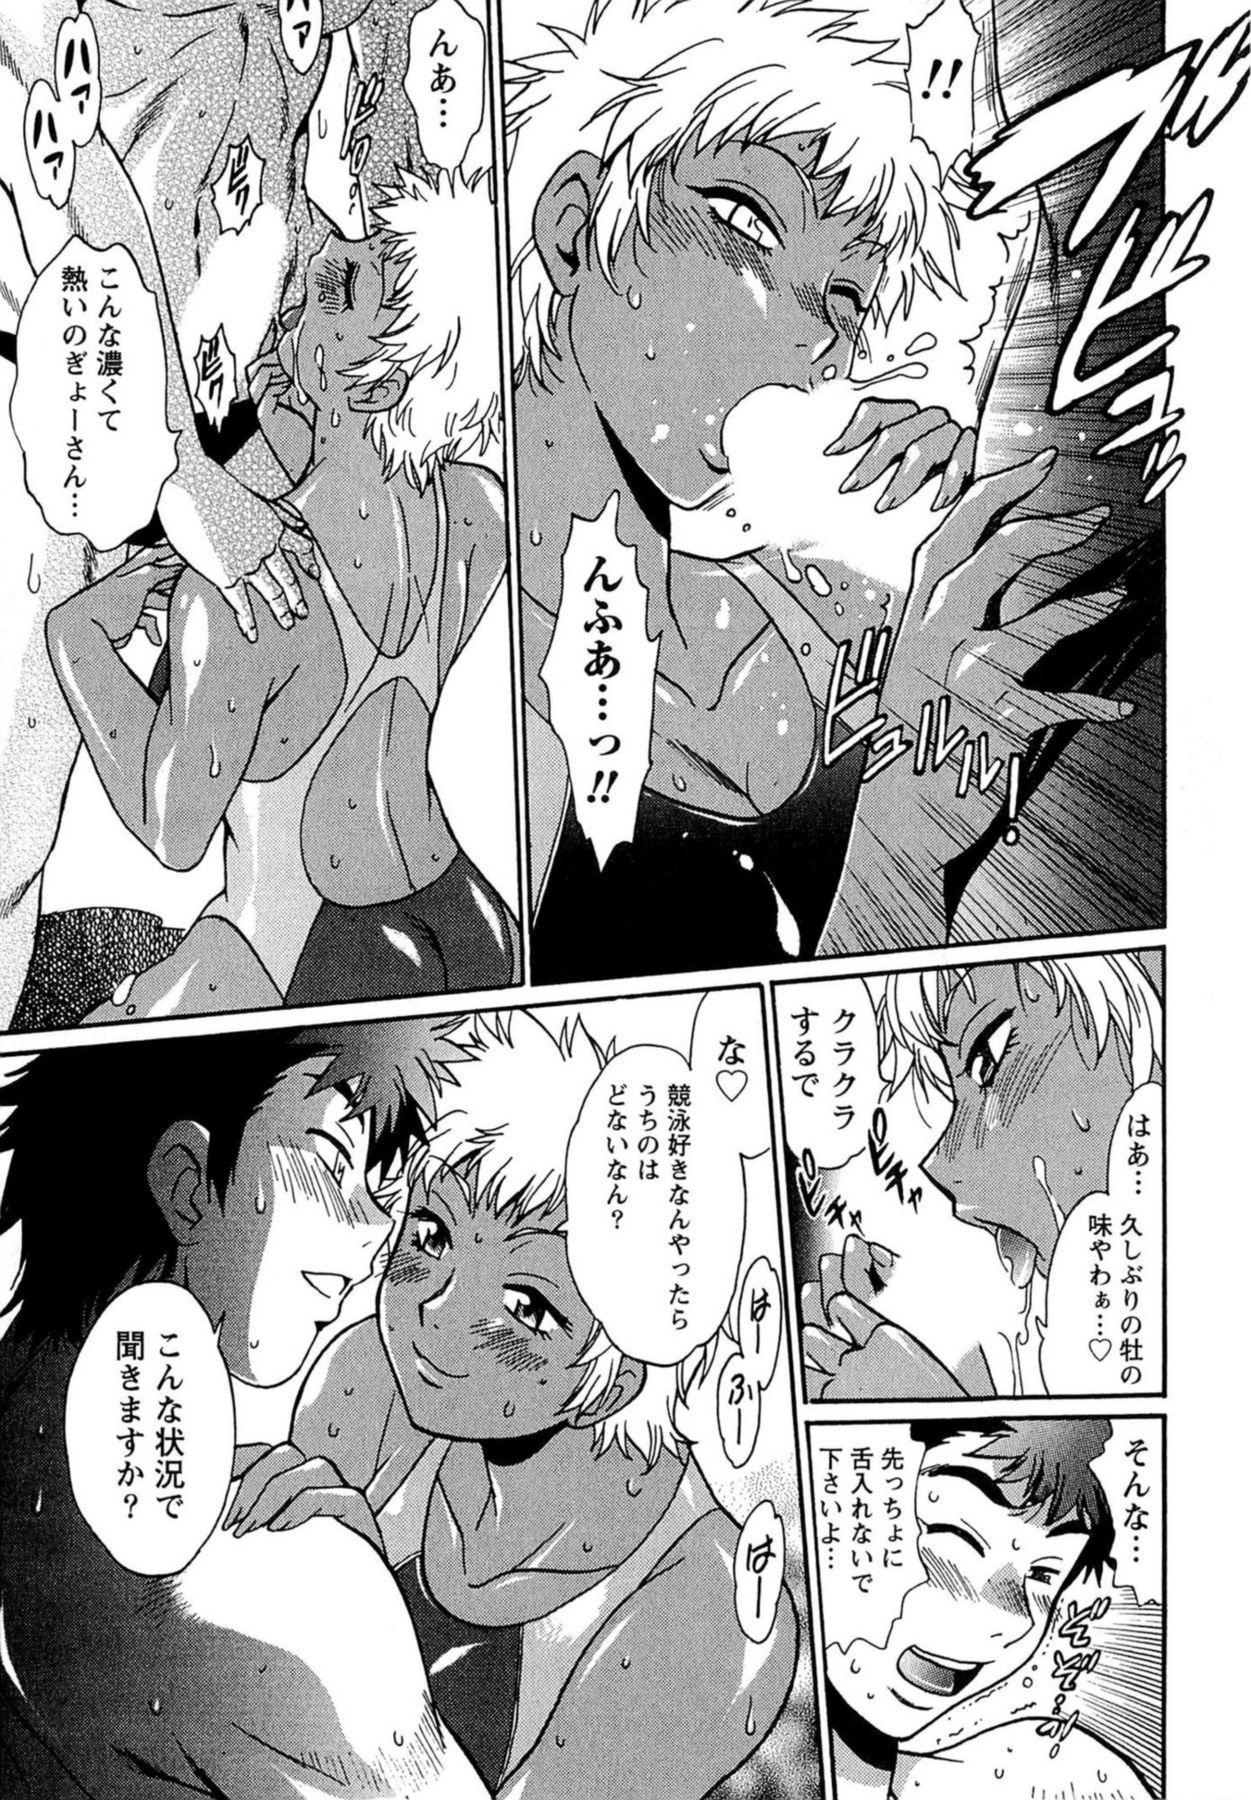 Kuikomi wo Naoshiteru Hima wa Nai! Vol. 1 193